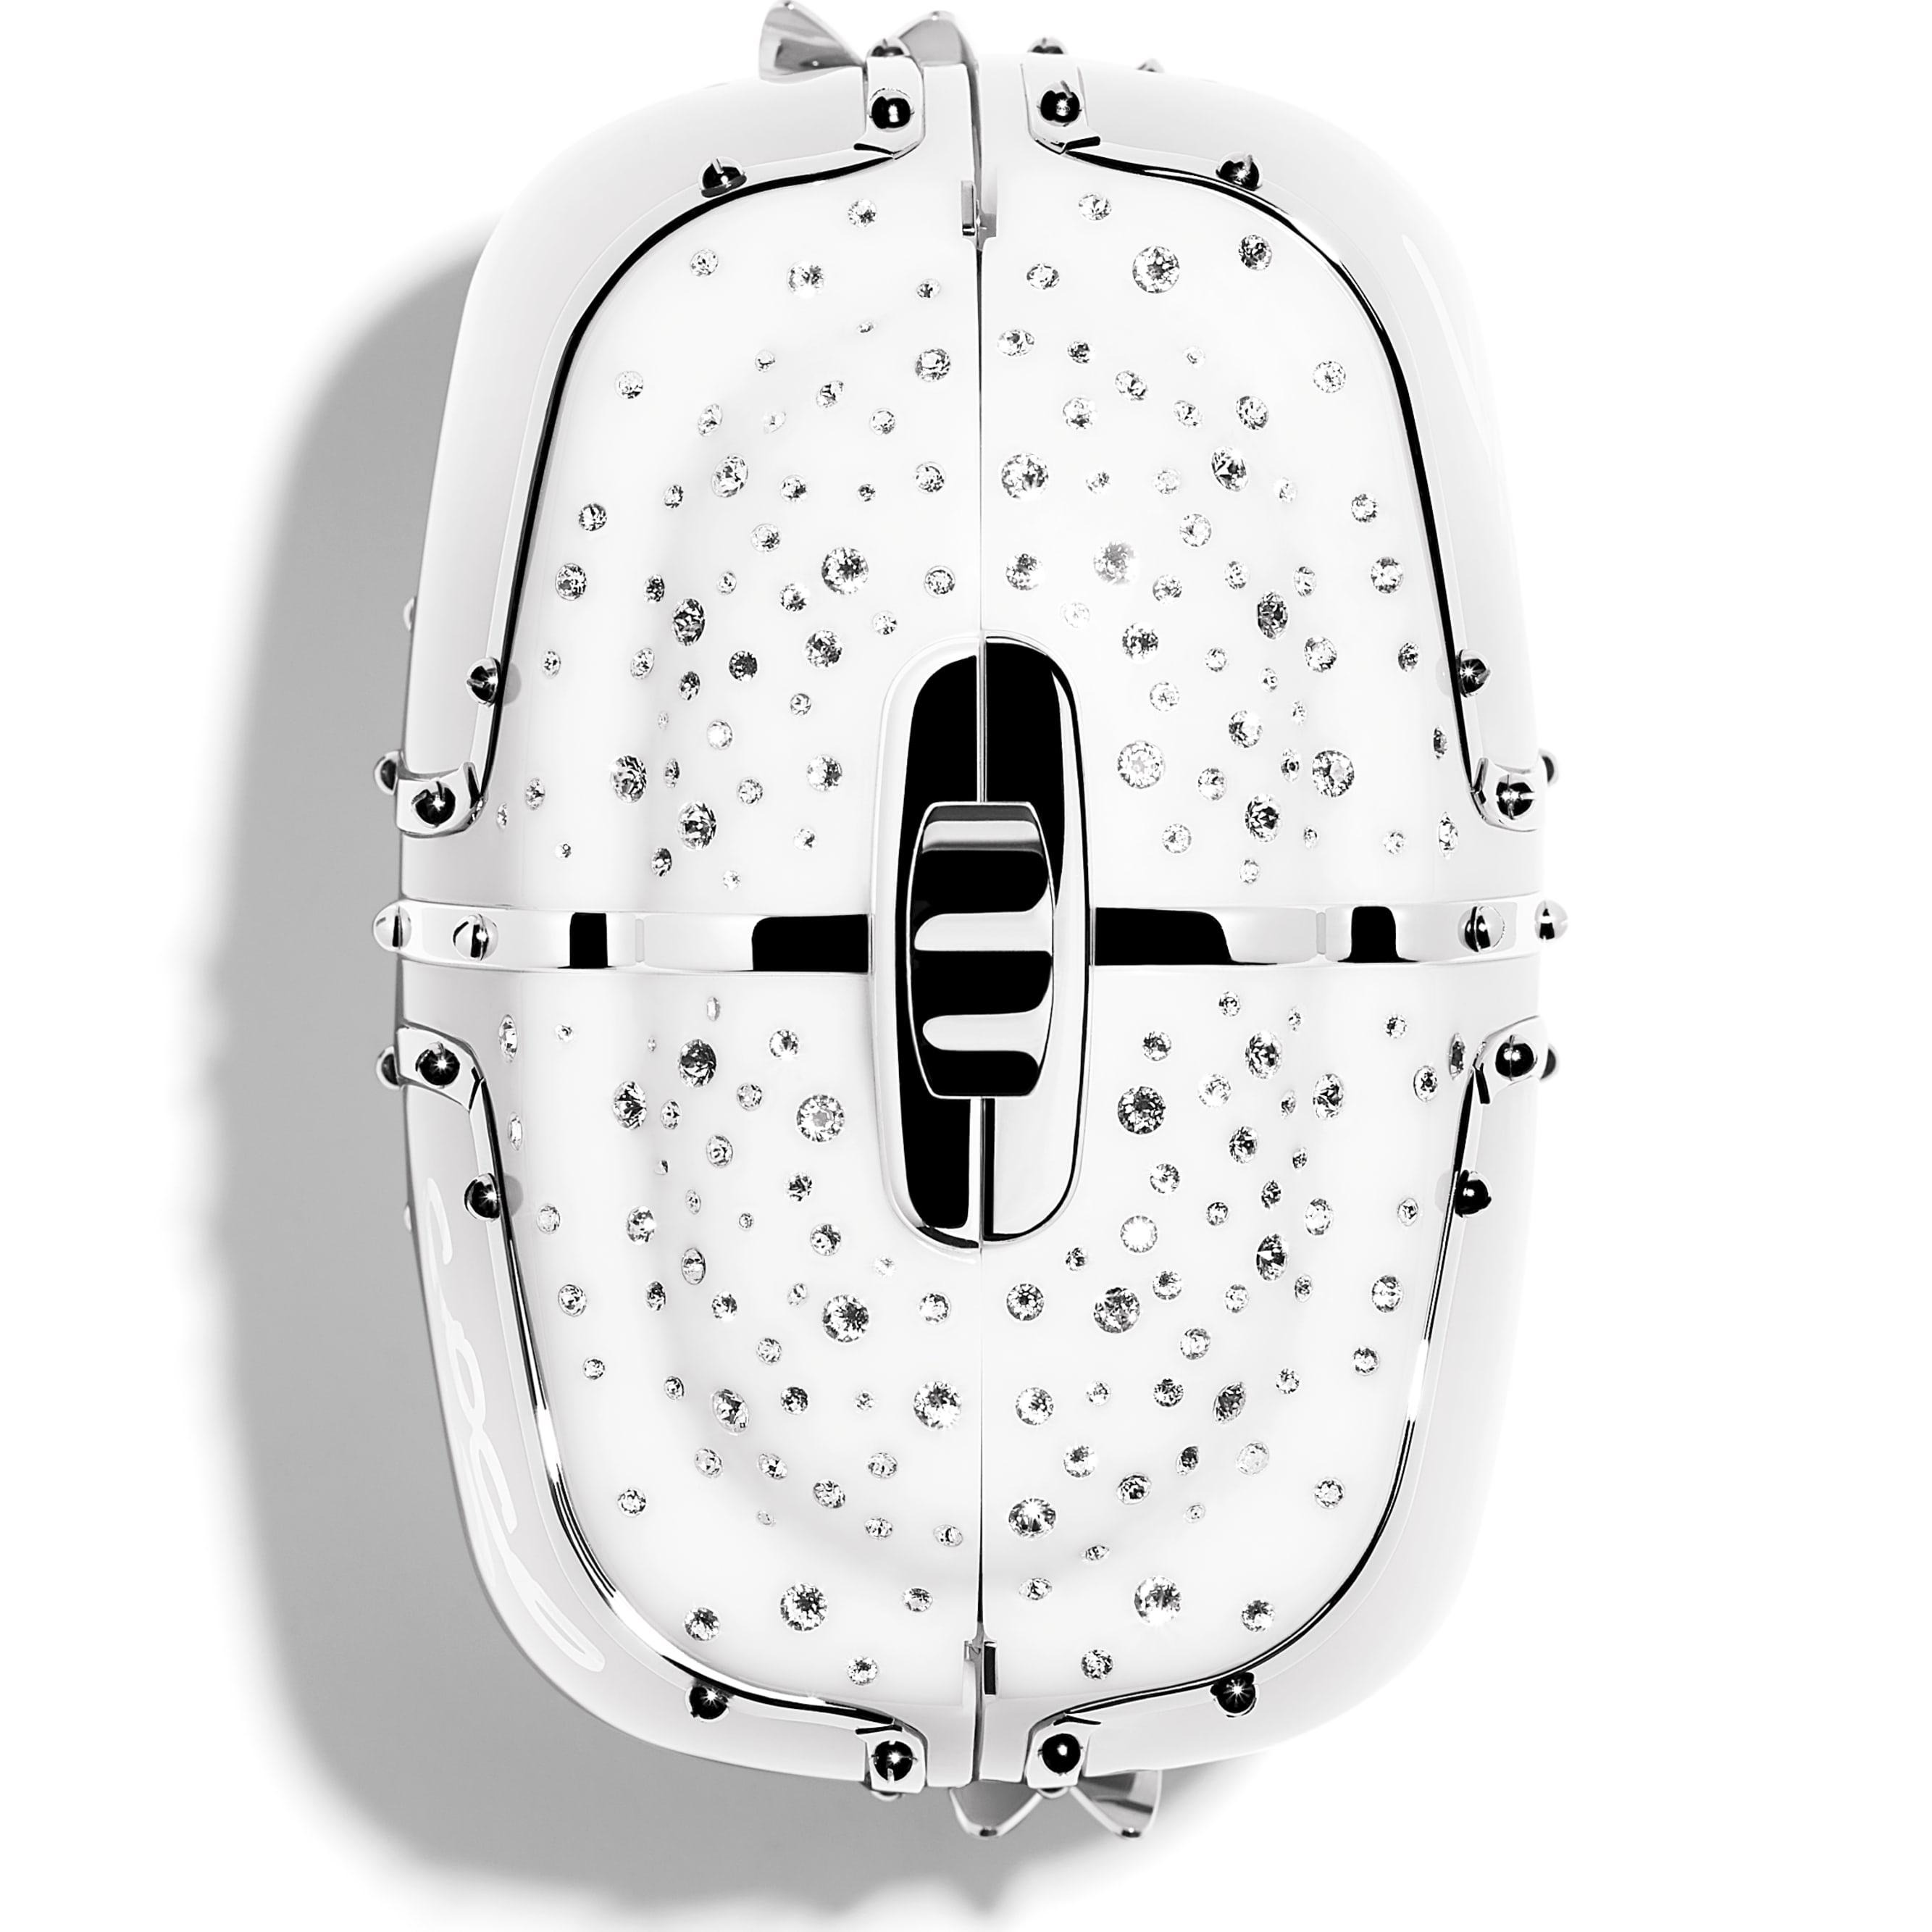 Вечерняя сумка - Белый - Смола, стразы и серебристый металл - Дополнительное изображение - посмотреть изображение стандартного размера